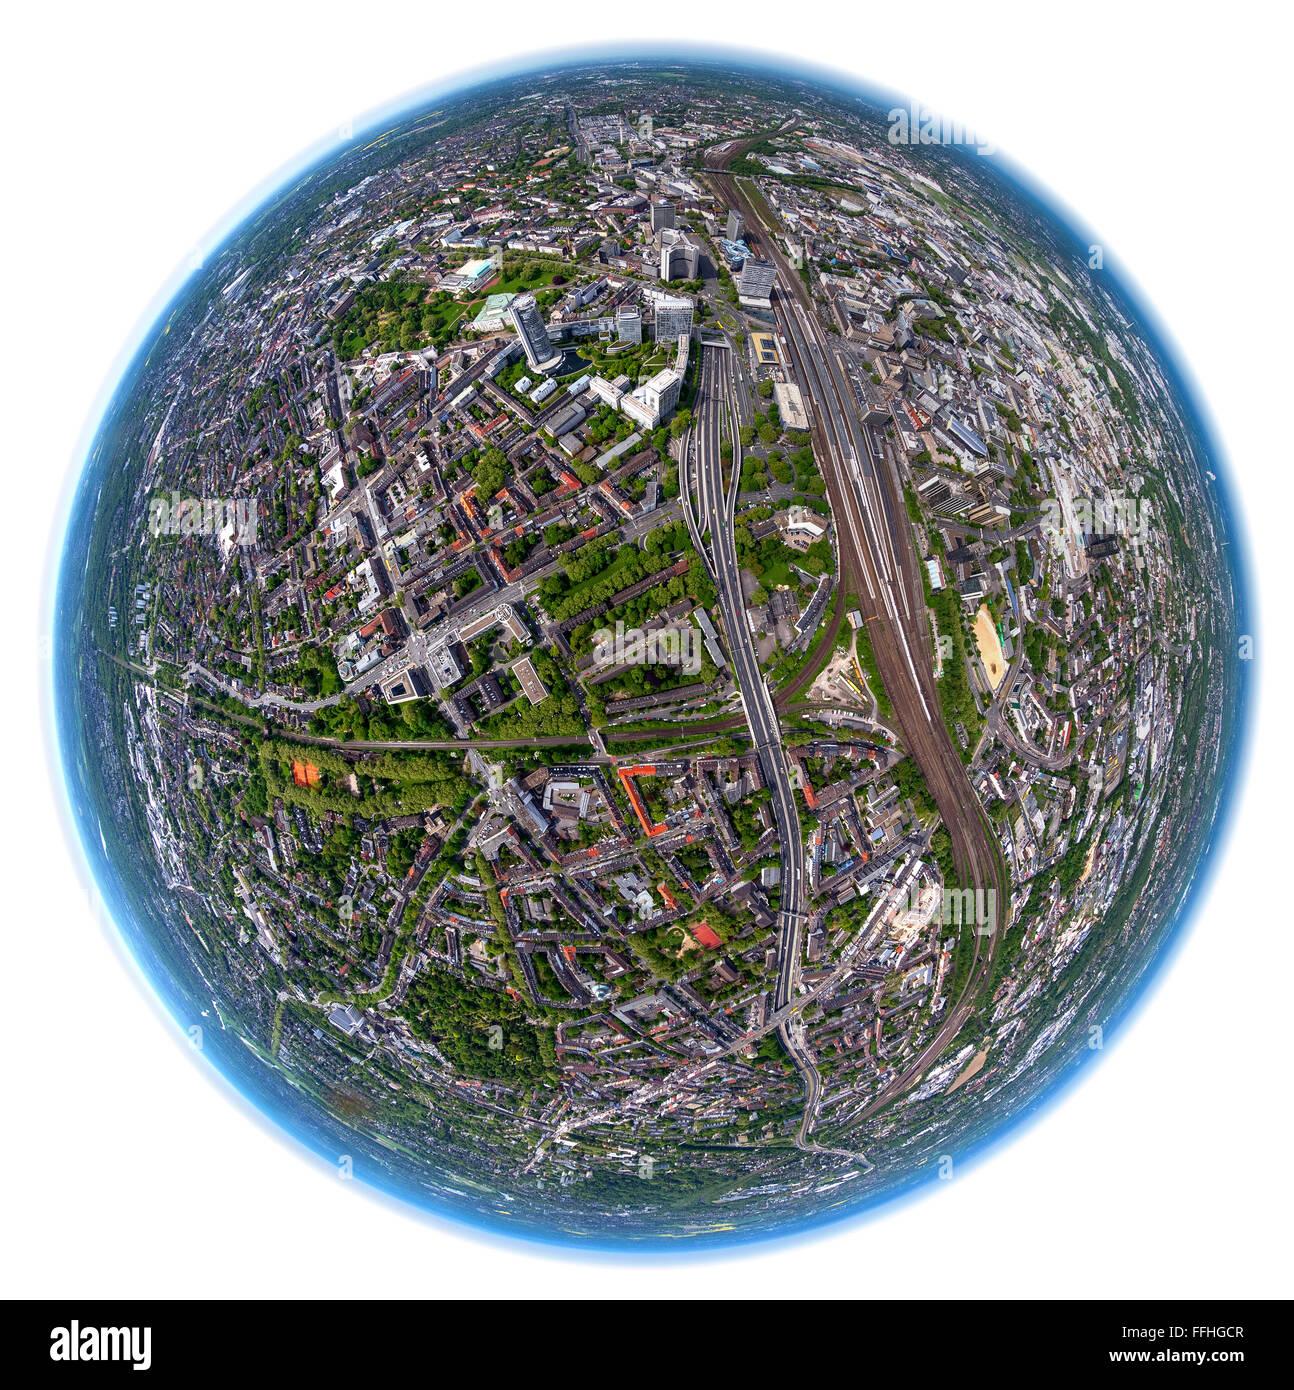 Aerial view, Lippeverband, Emscher Cooperative,Emschergenossenschaft Essen,  fisheye image, Essen center, Globe - Stock Image